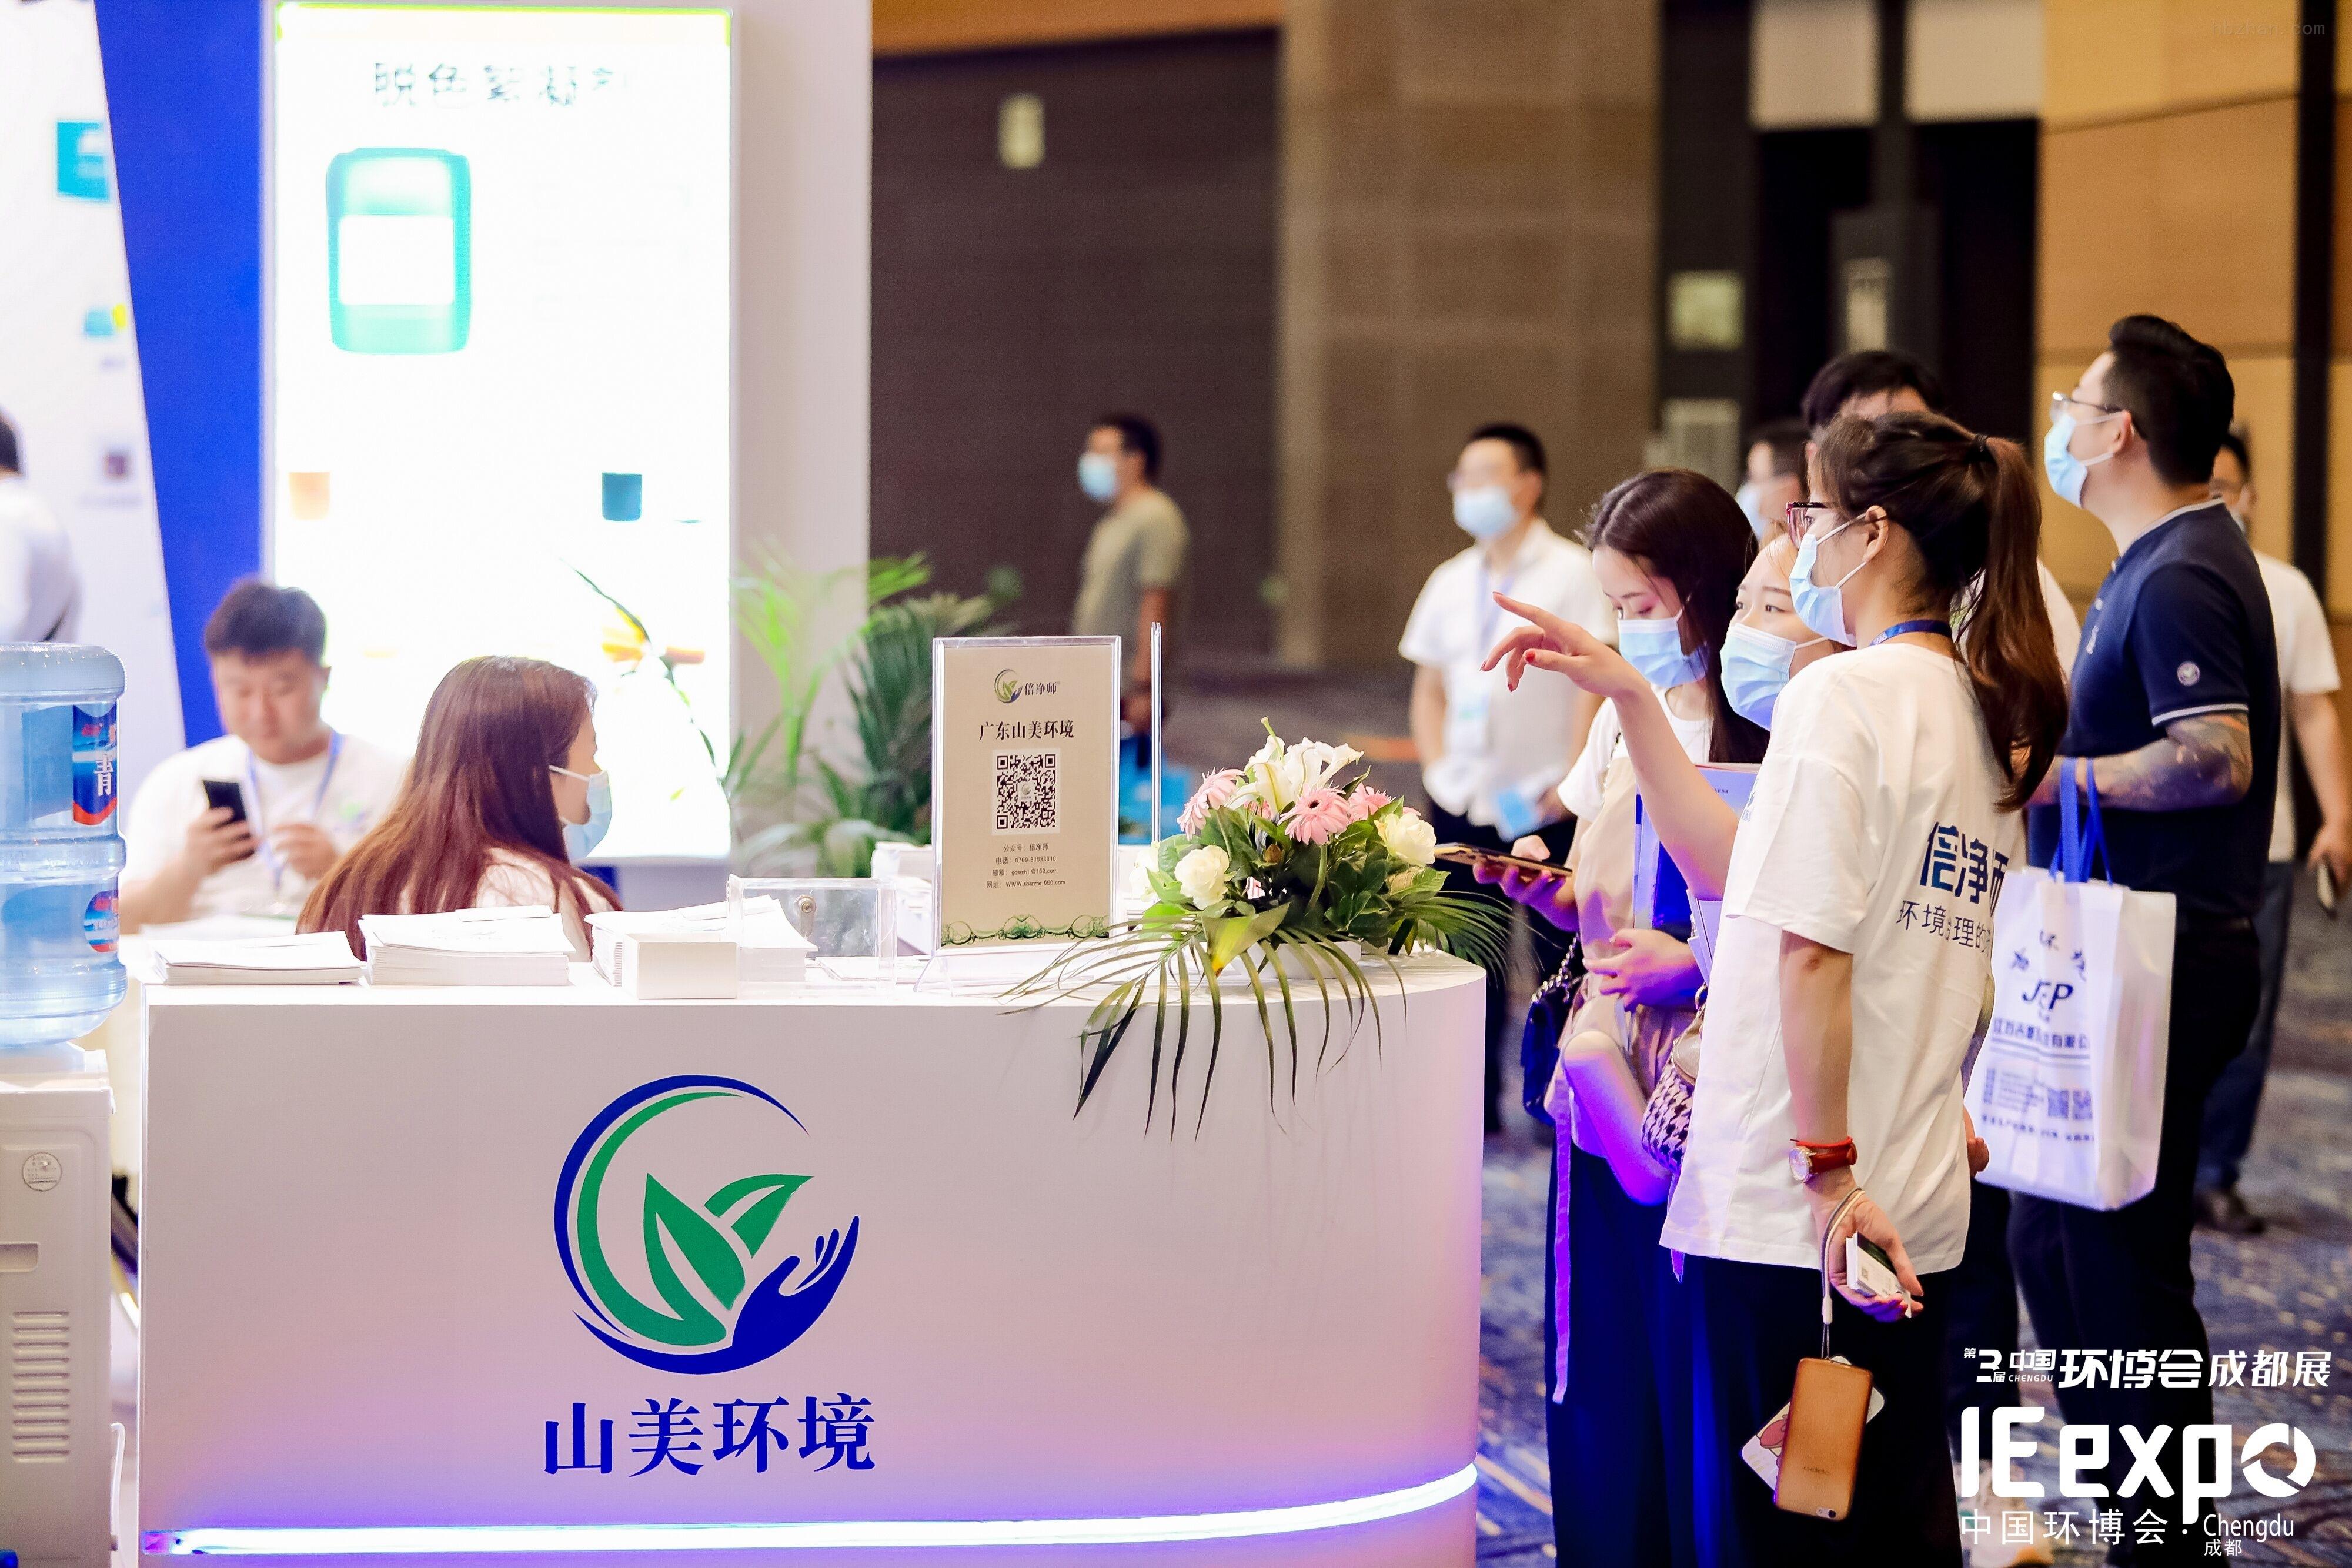 广东山美环境亮相2021第三届中国环博会成都展